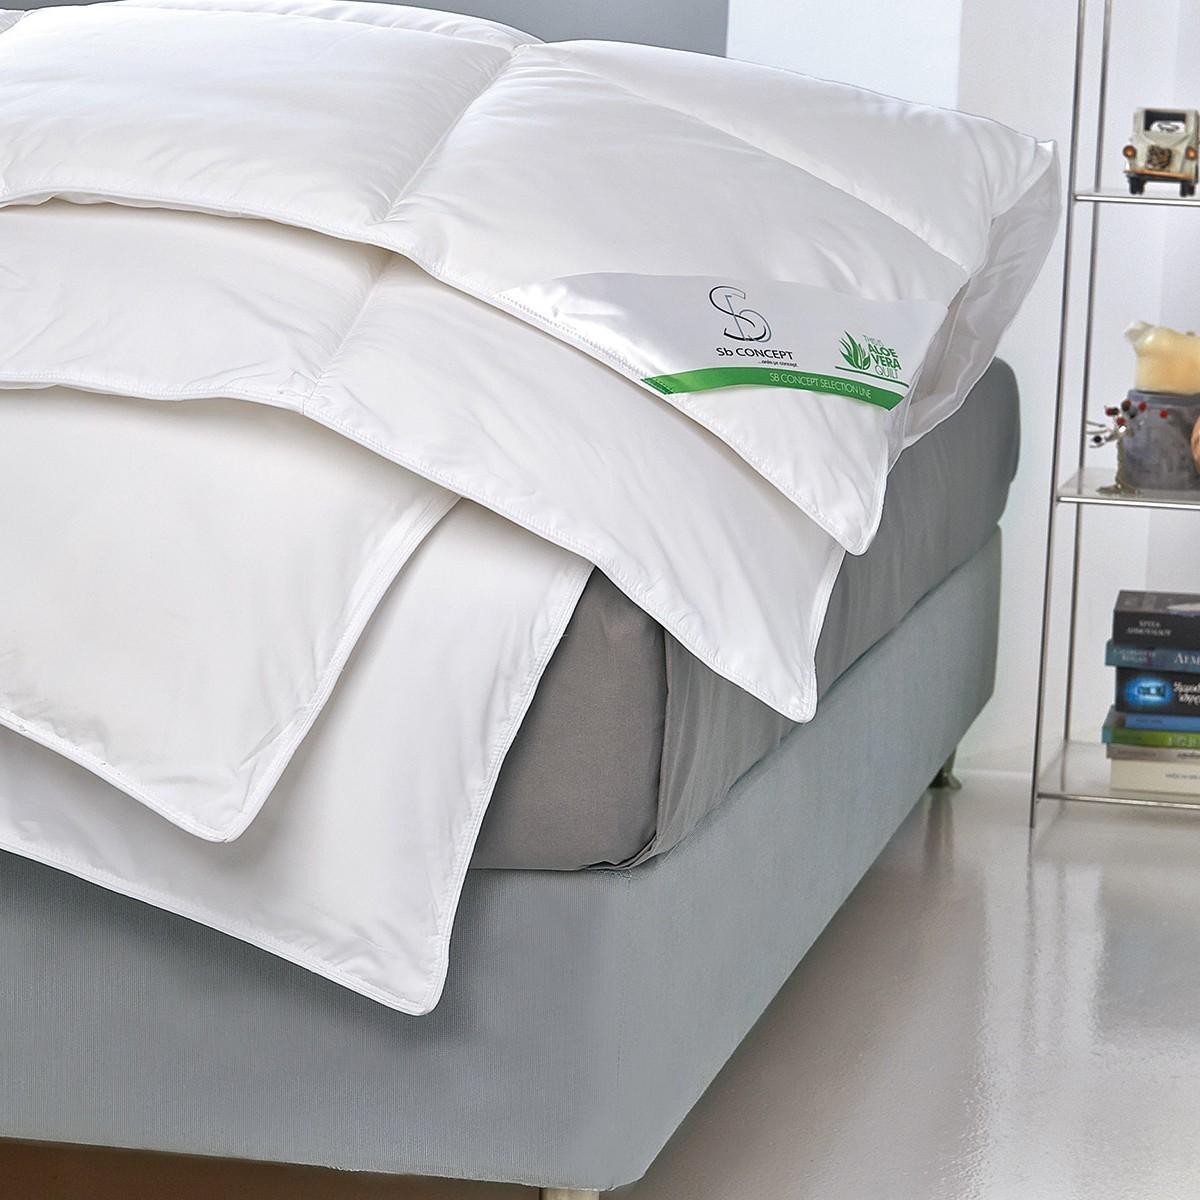 Πάπλωμα Υπέρδιπλο Sb Home Aloe Vera Treatment home   κρεβατοκάμαρα   παπλώματα   παπλώματα λευκά